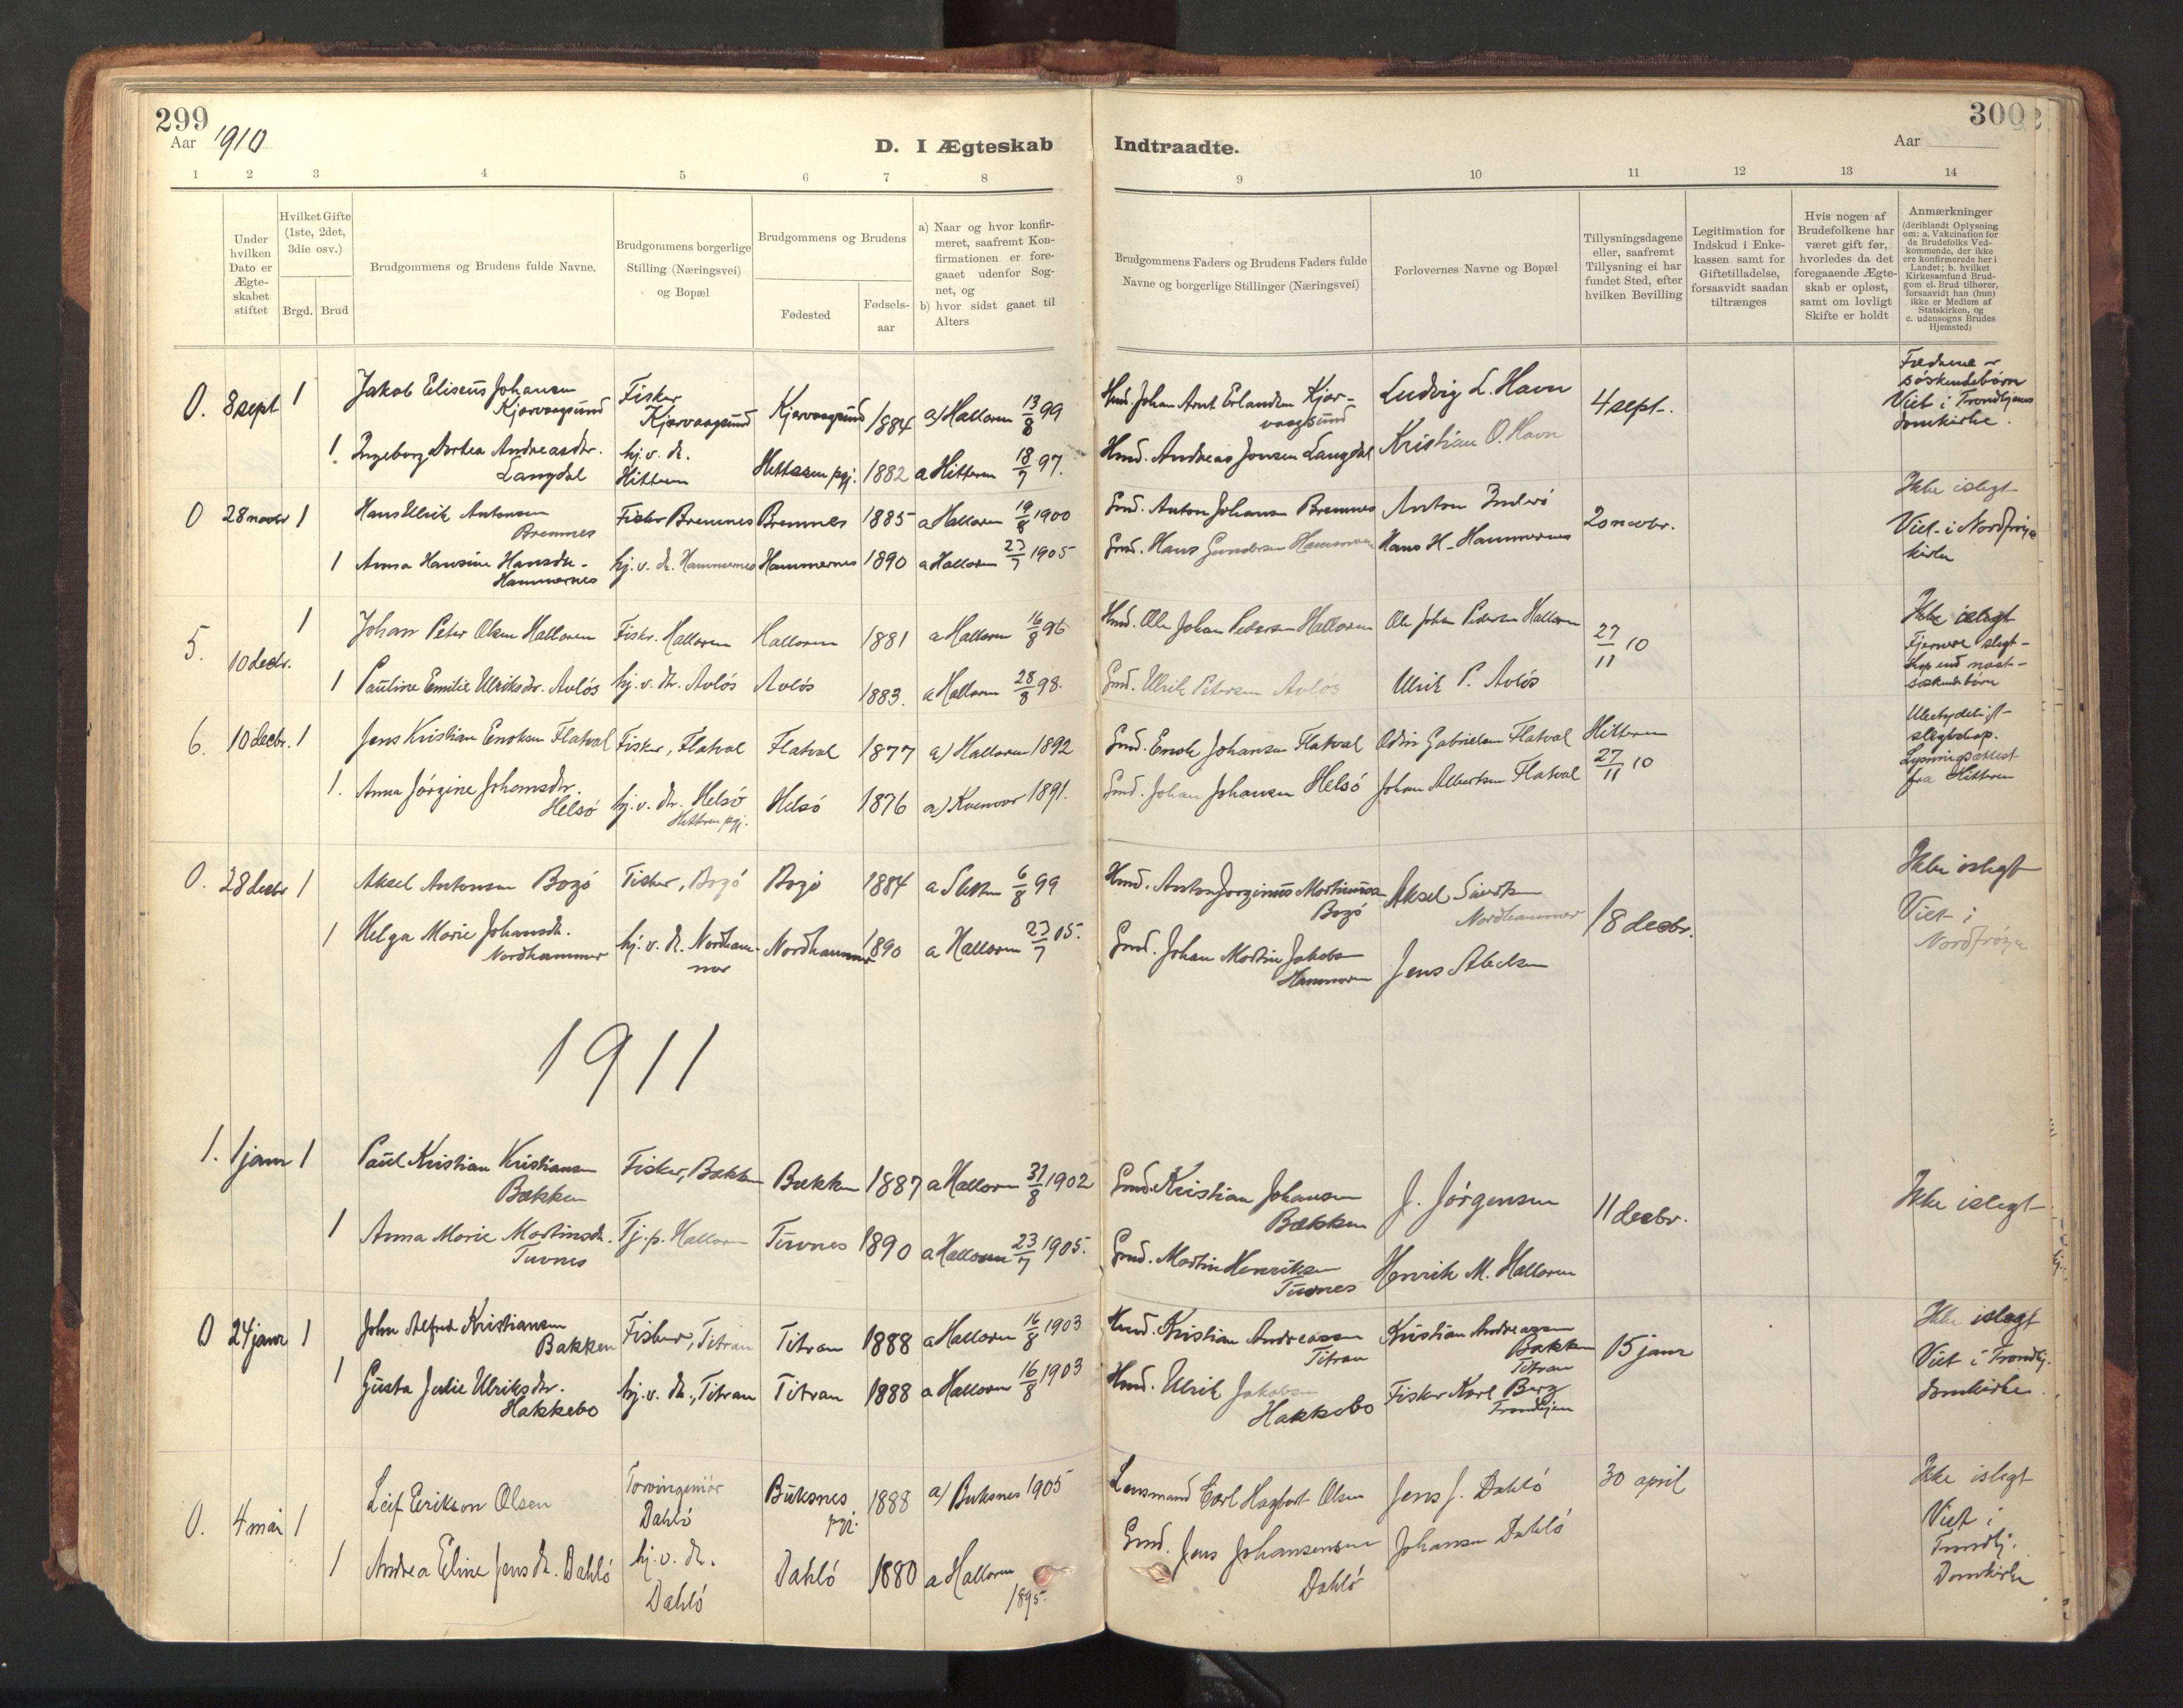 SAT, Ministerialprotokoller, klokkerbøker og fødselsregistre - Sør-Trøndelag, 641/L0596: Ministerialbok nr. 641A02, 1898-1915, s. 299-300